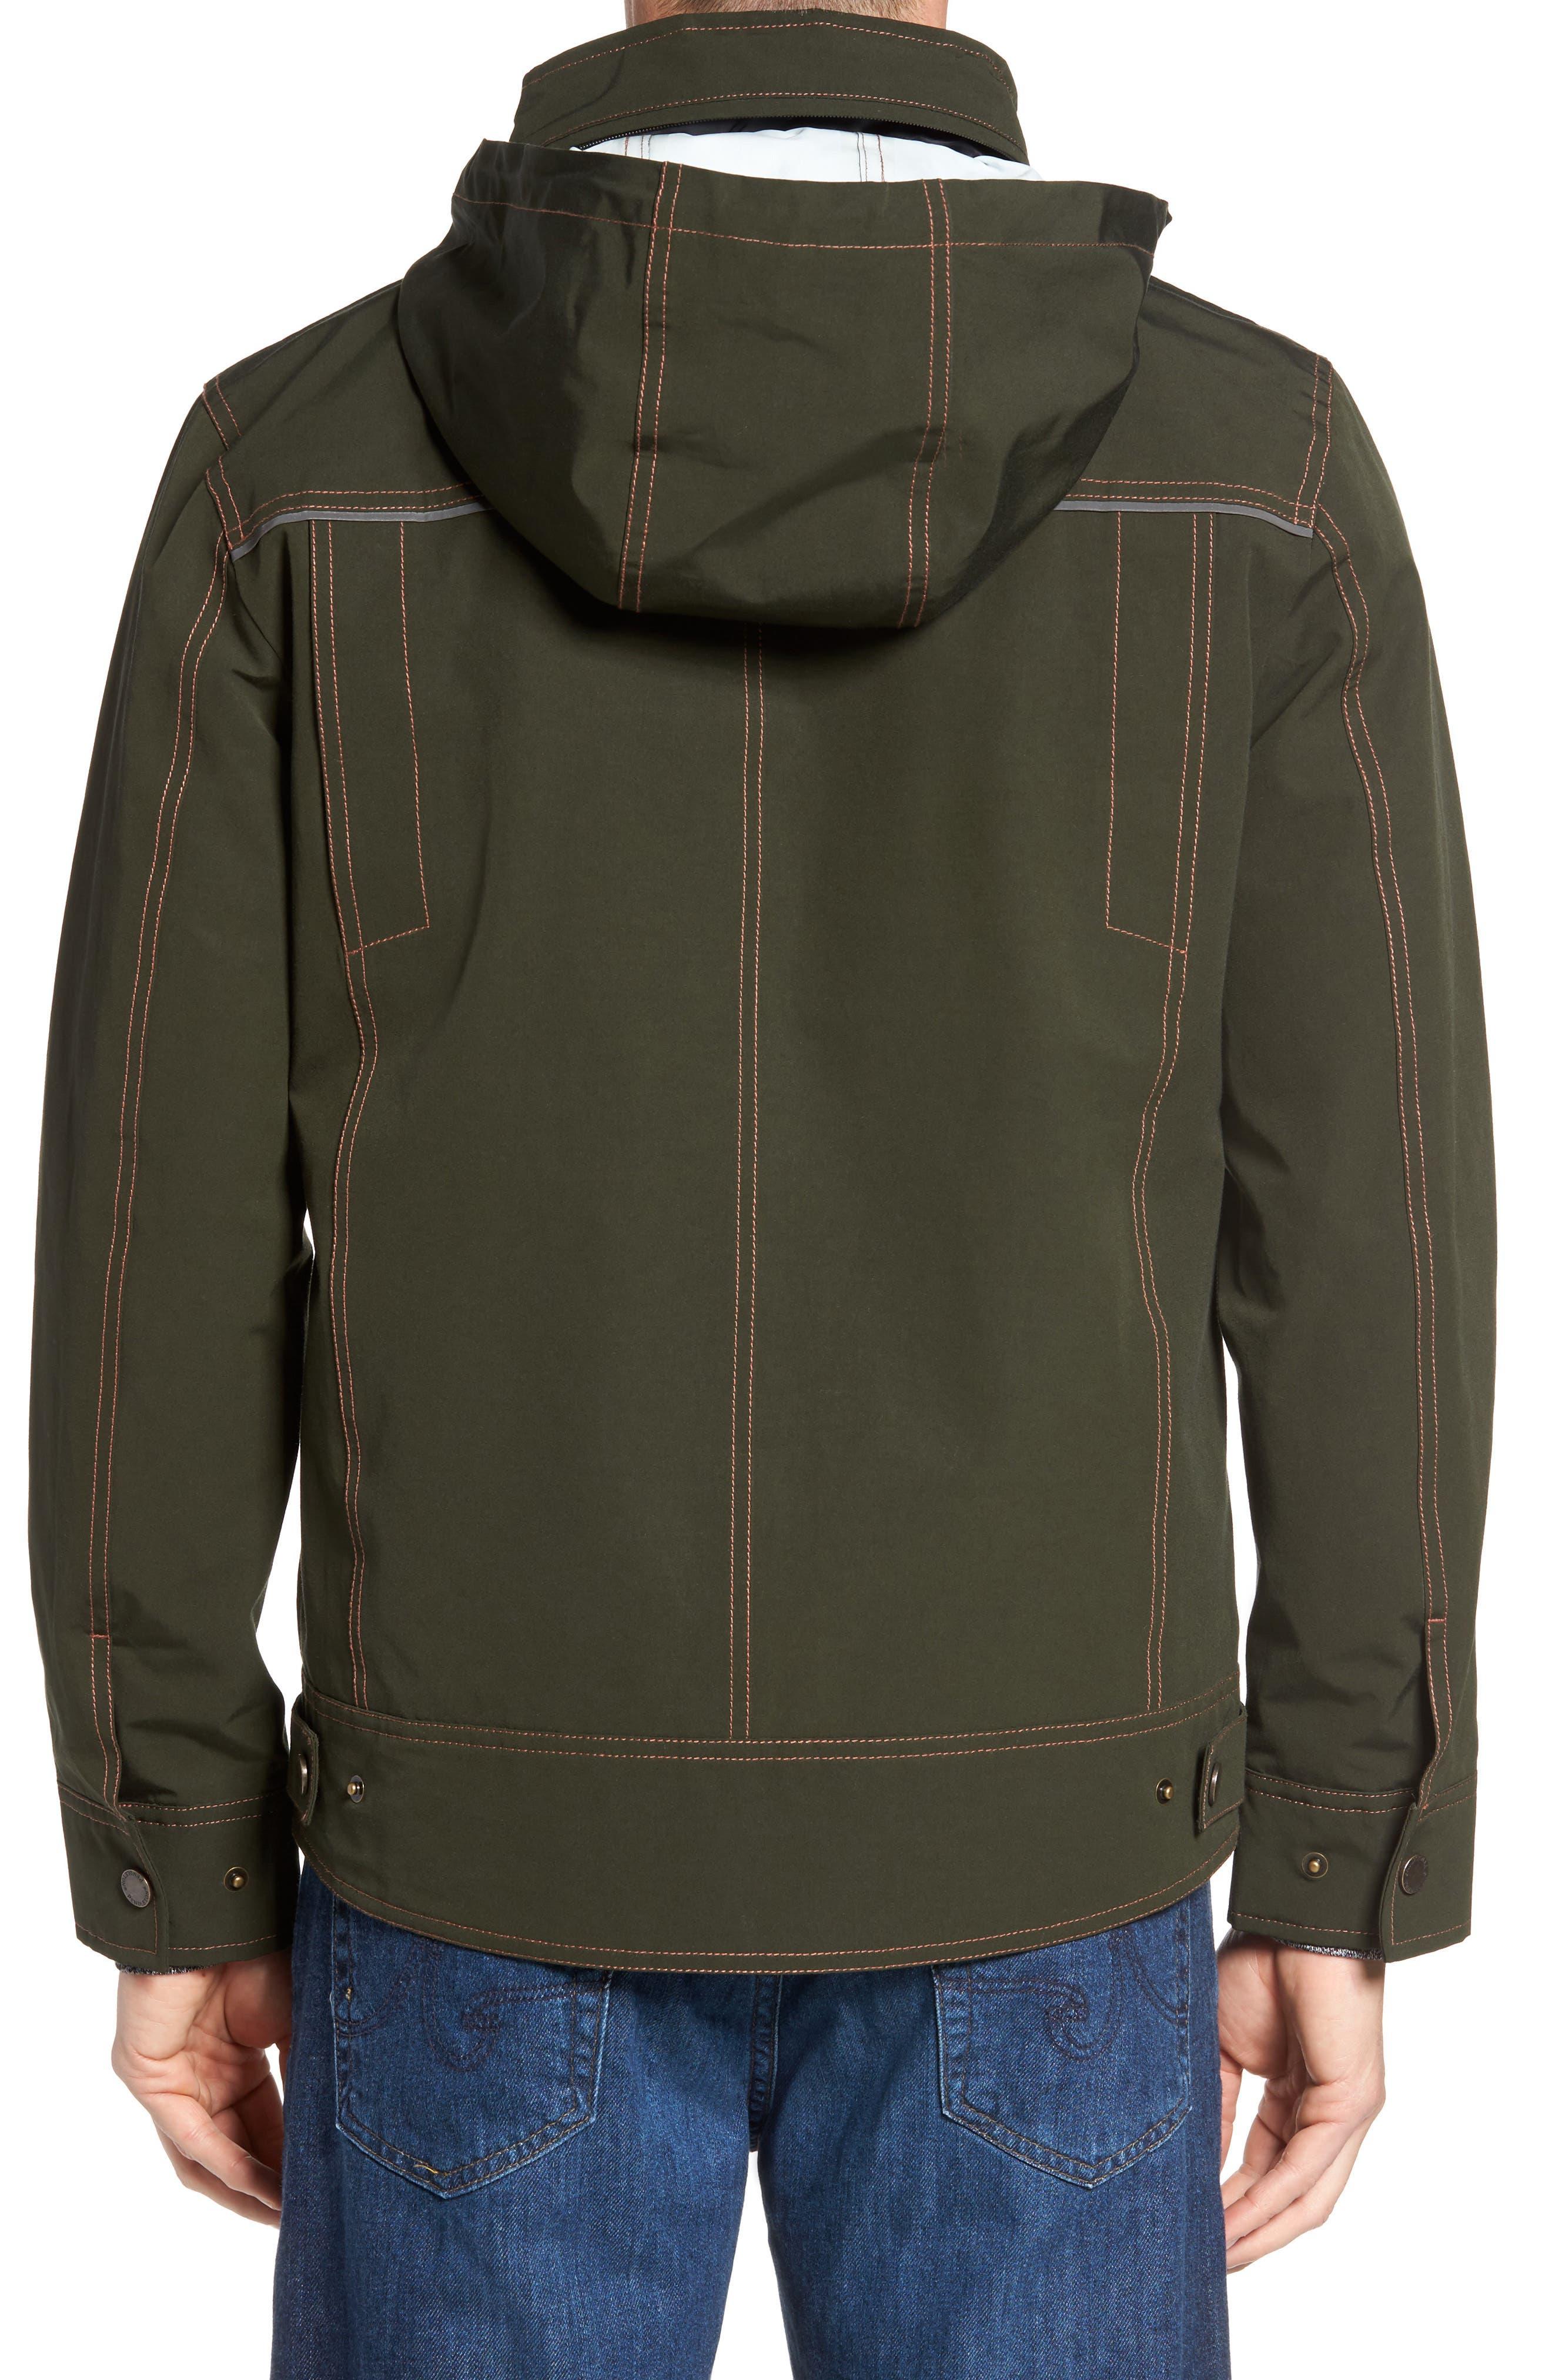 Forks Waterproof Jacket,                             Alternate thumbnail 2, color,                             Rosin